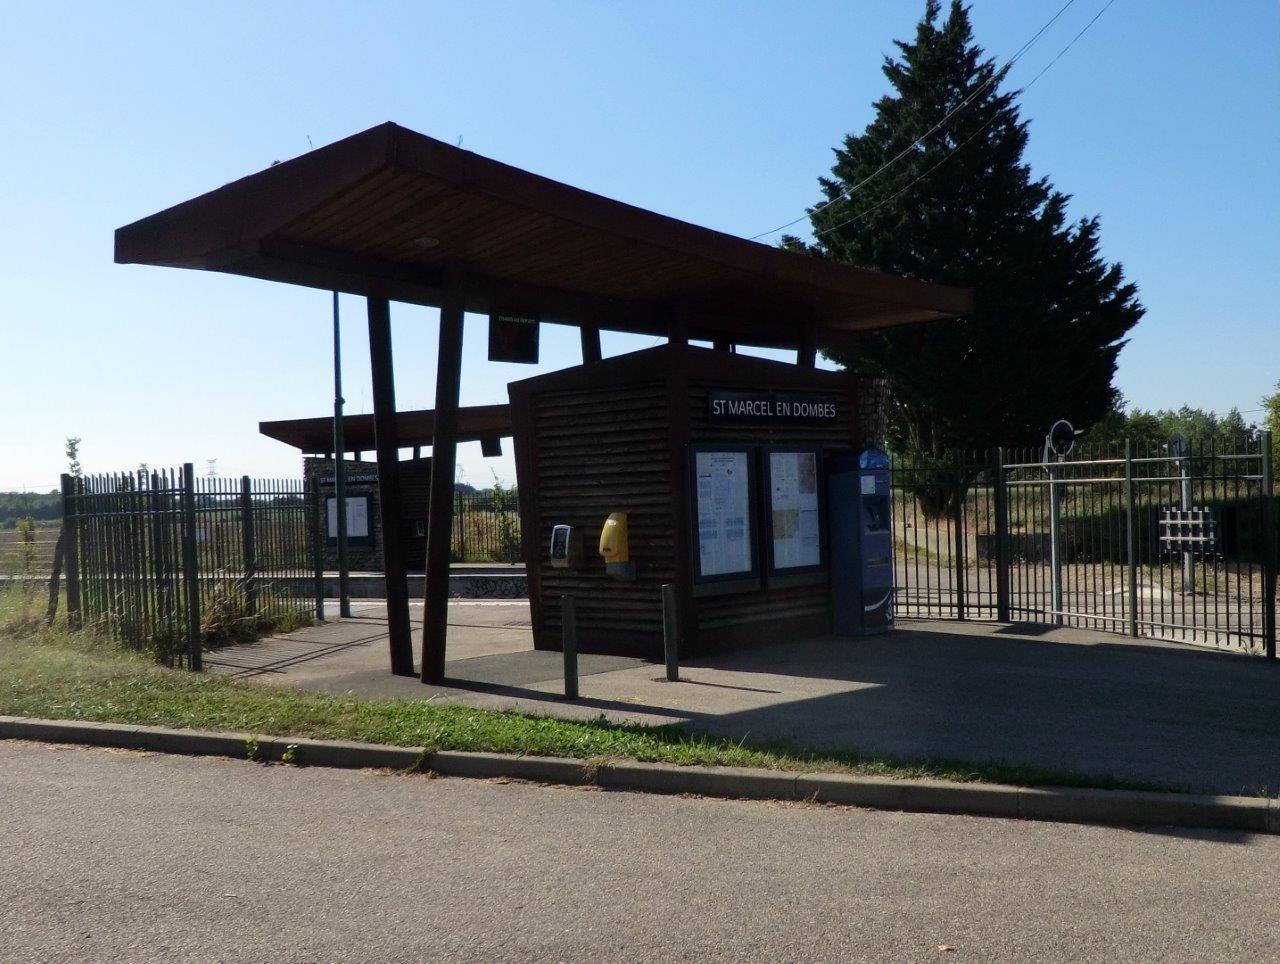 gare-de-saint-marcel-en-dombes-train-station